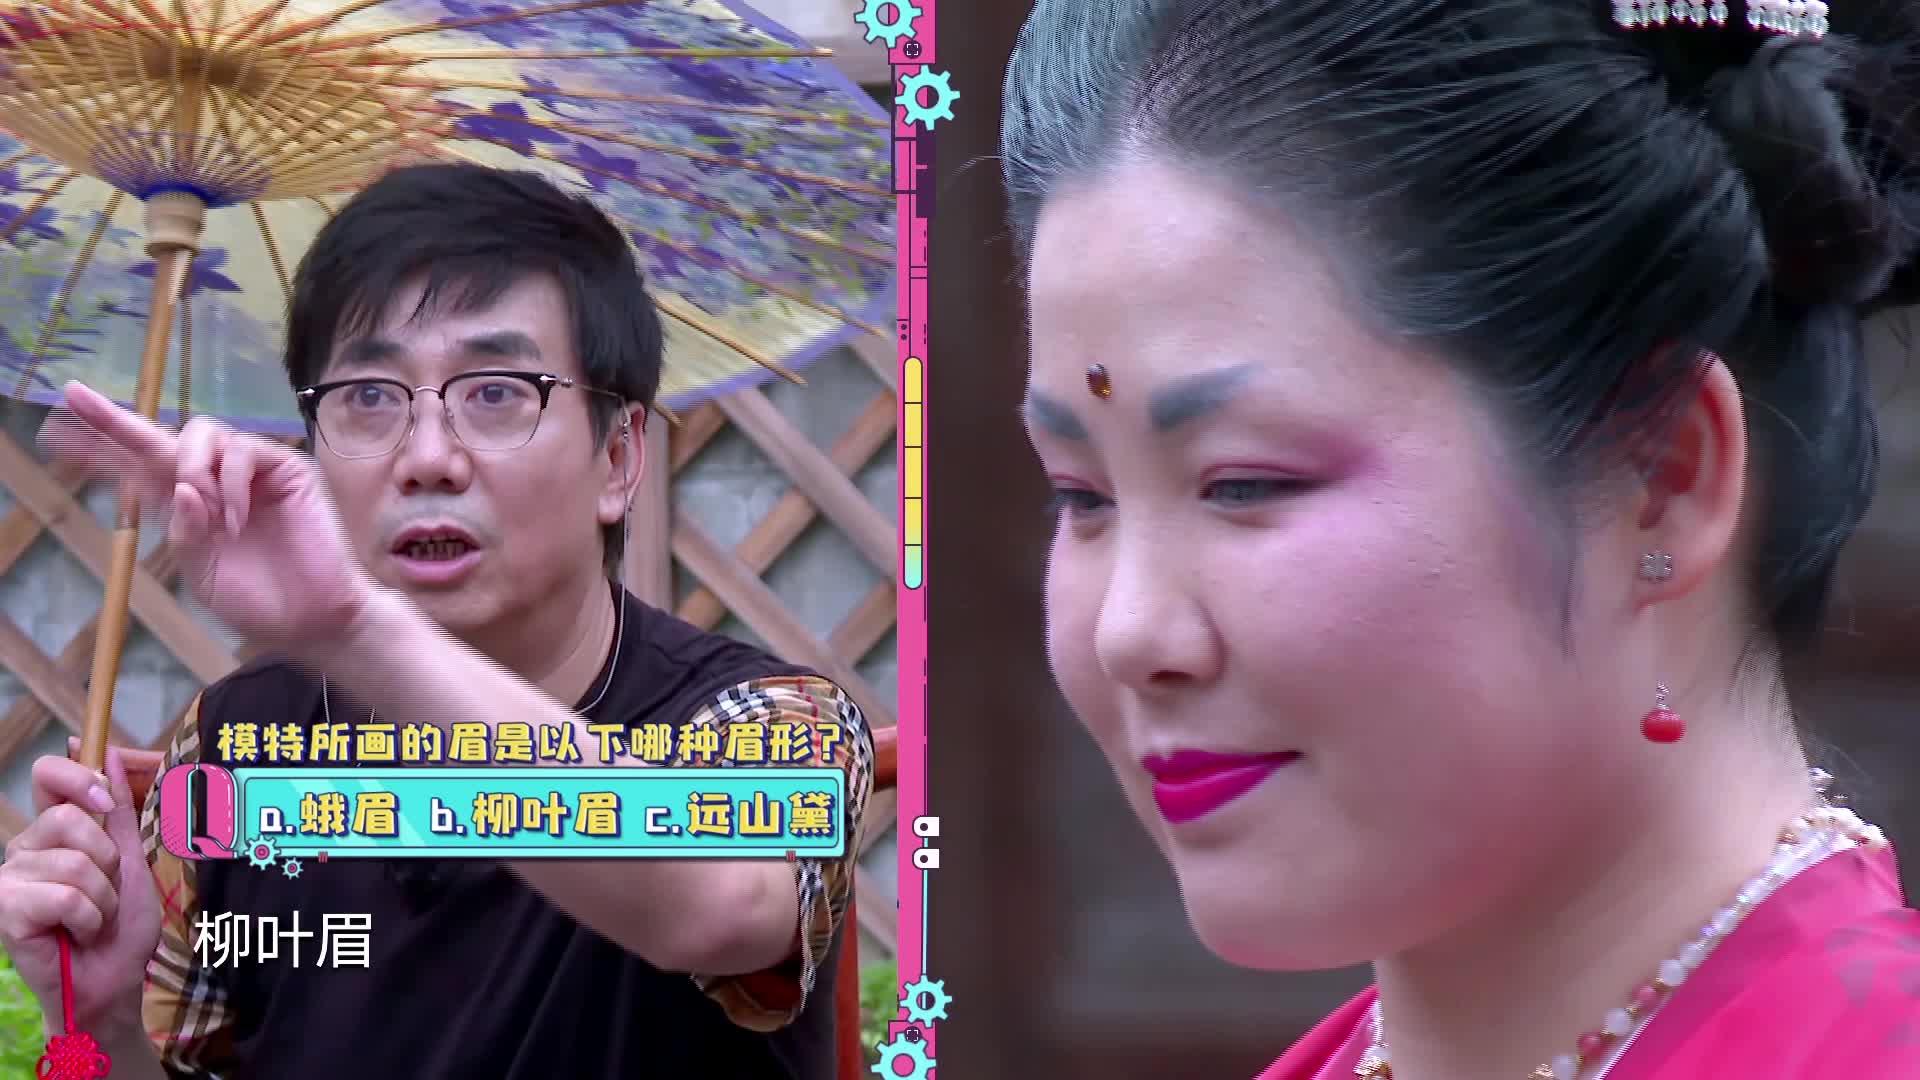 花样新世界:猜眉型难倒倪萍范明,所以远山黛到底是什么?